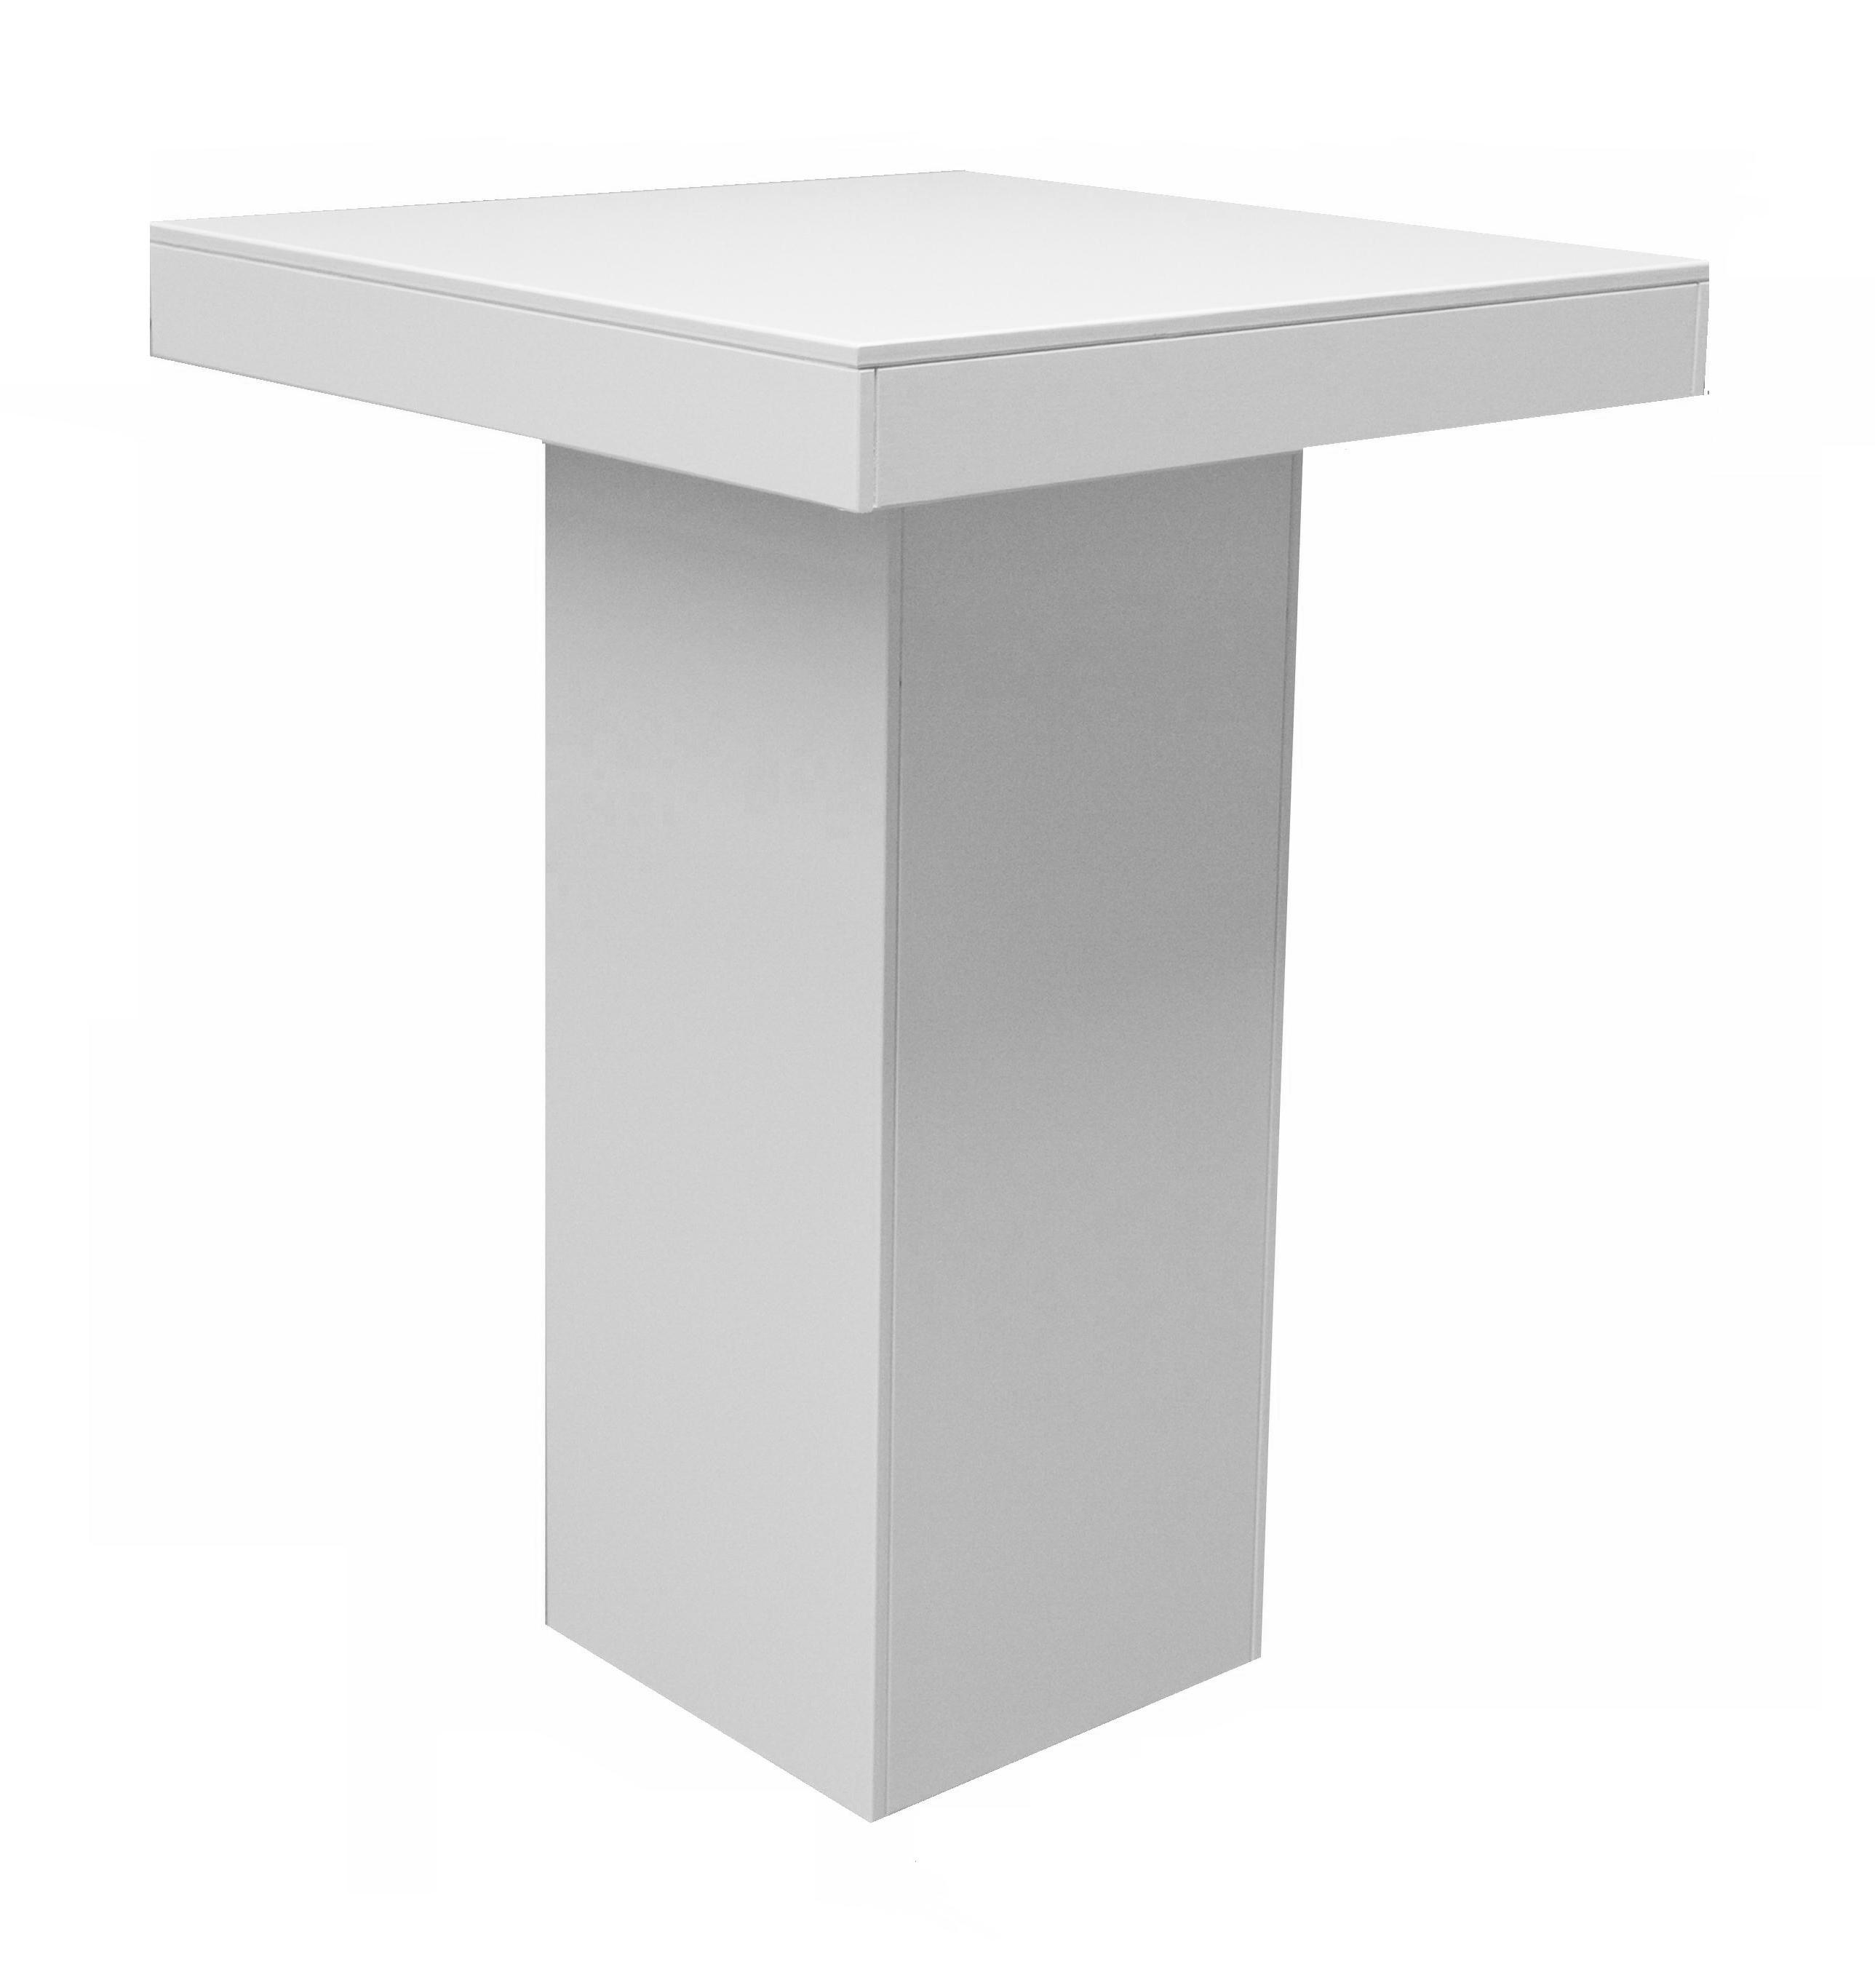 Moderne Witte Statafel.Luxe Witte Statafel Style Strakke Statafels Meubelfabriek Nienhuis Bv